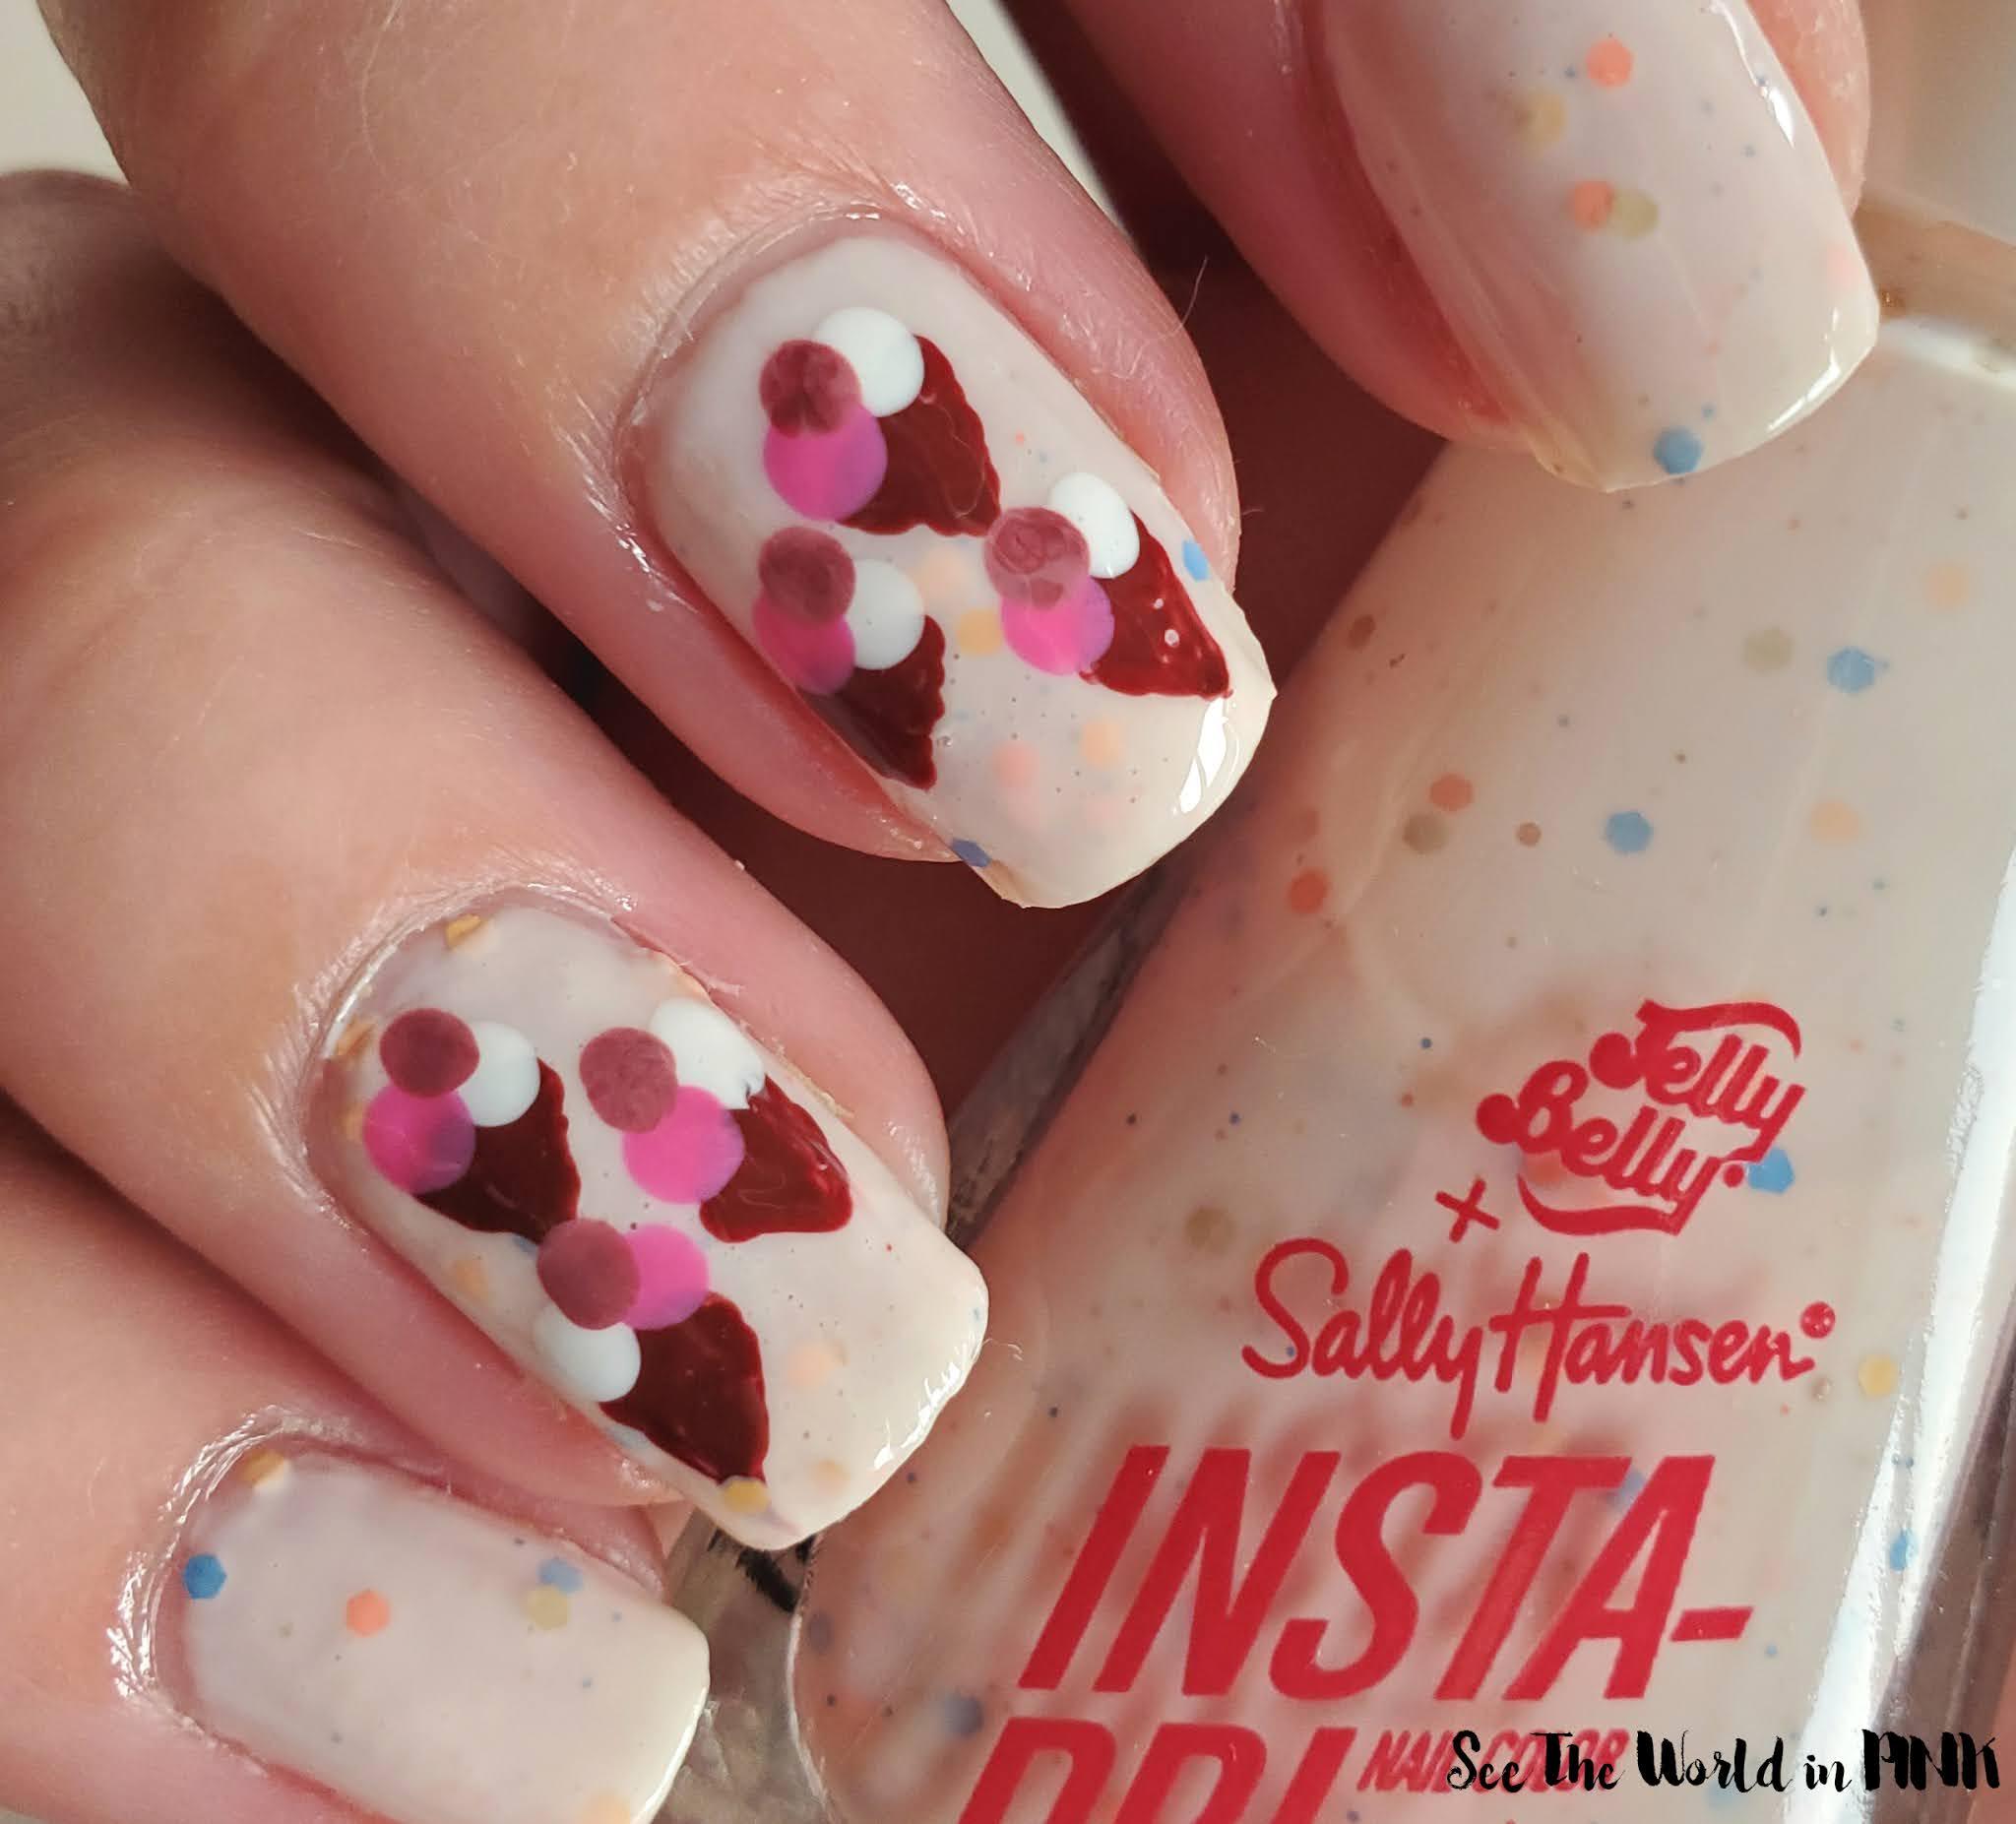 Manicure Monday - Mini Ice Cream Cone Nail Art